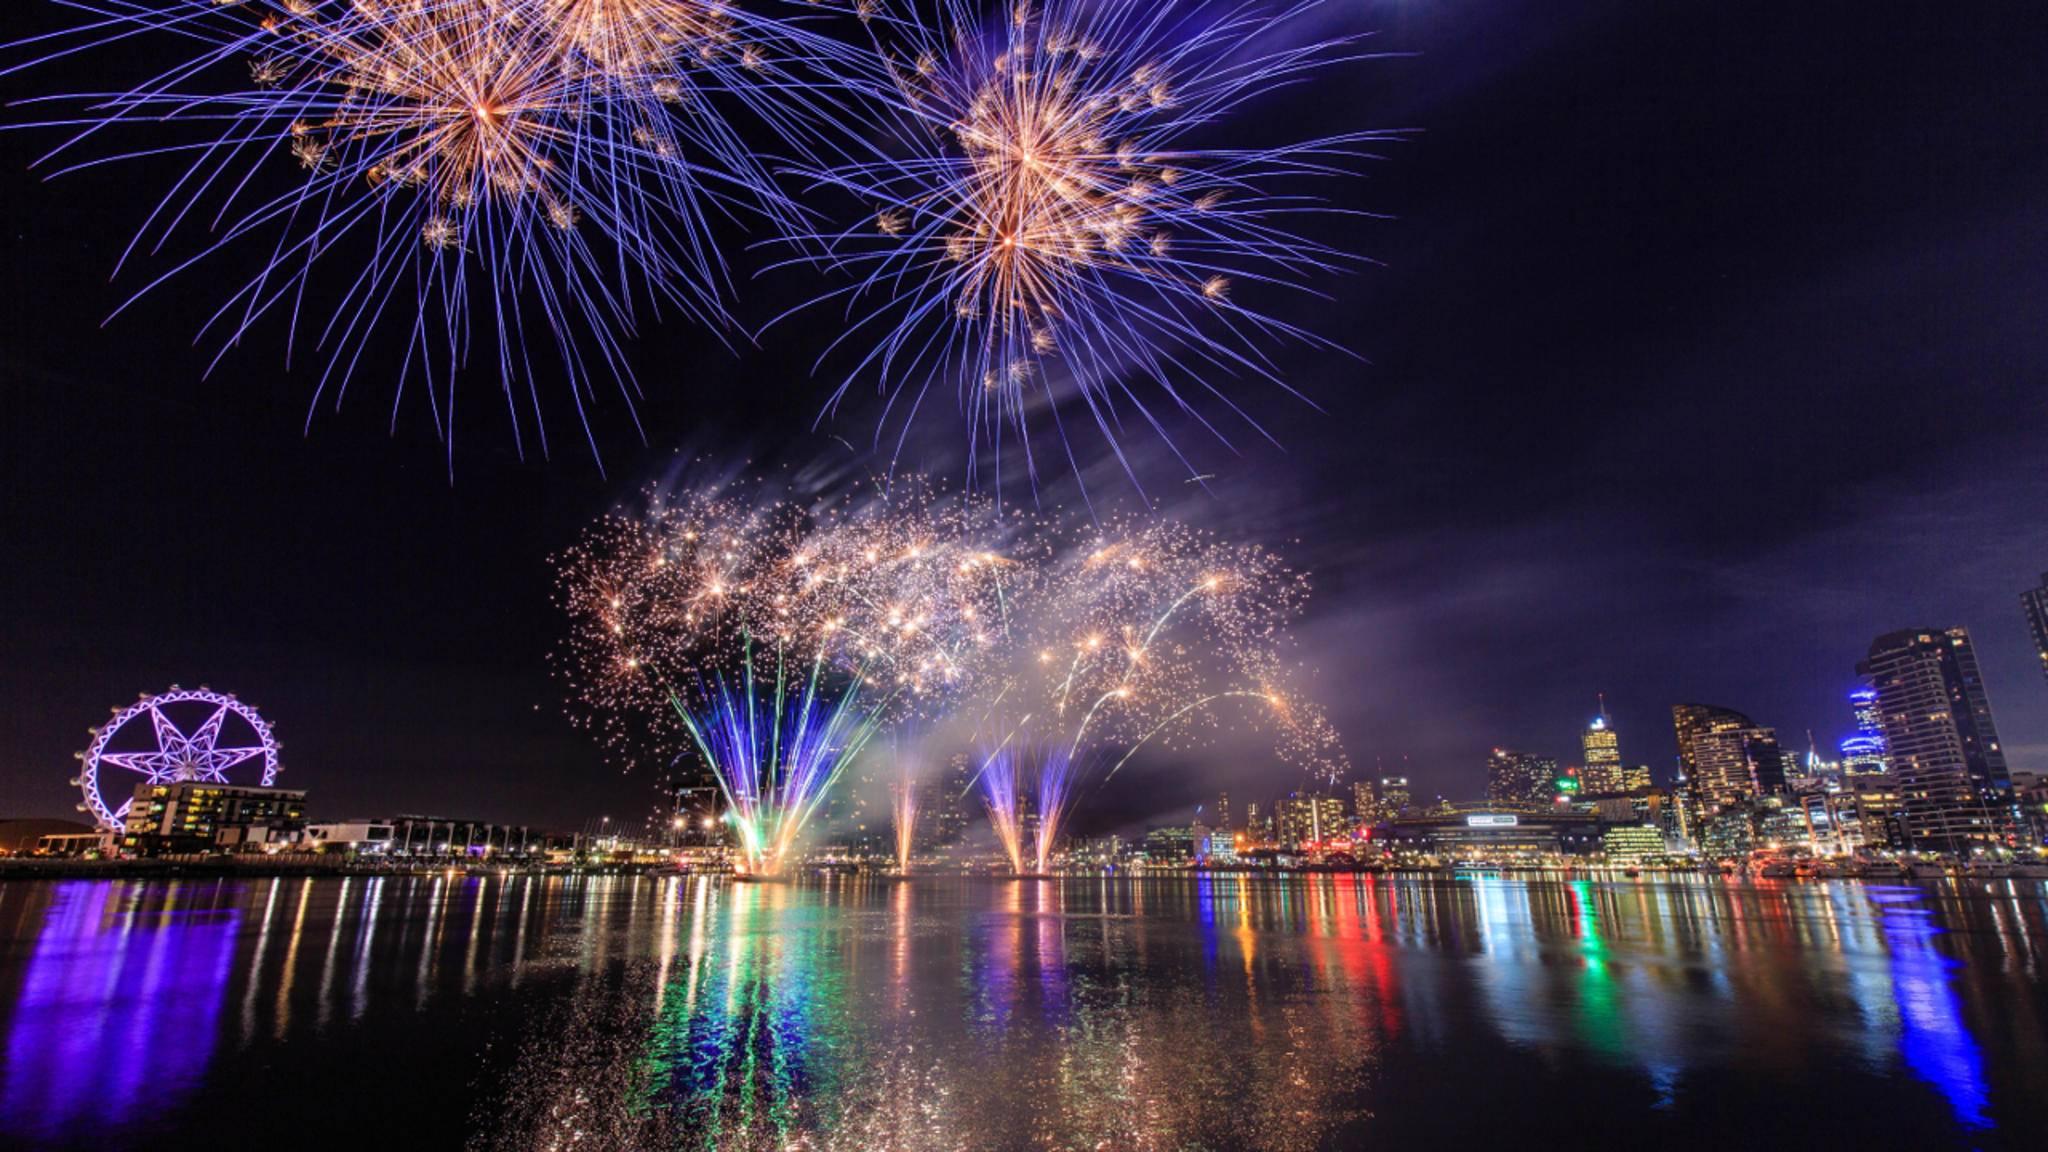 Ein echtes Feuerwerk ist zwar immer schöner, notfalls kann man es sich aber auch aufs Smartphone holen.